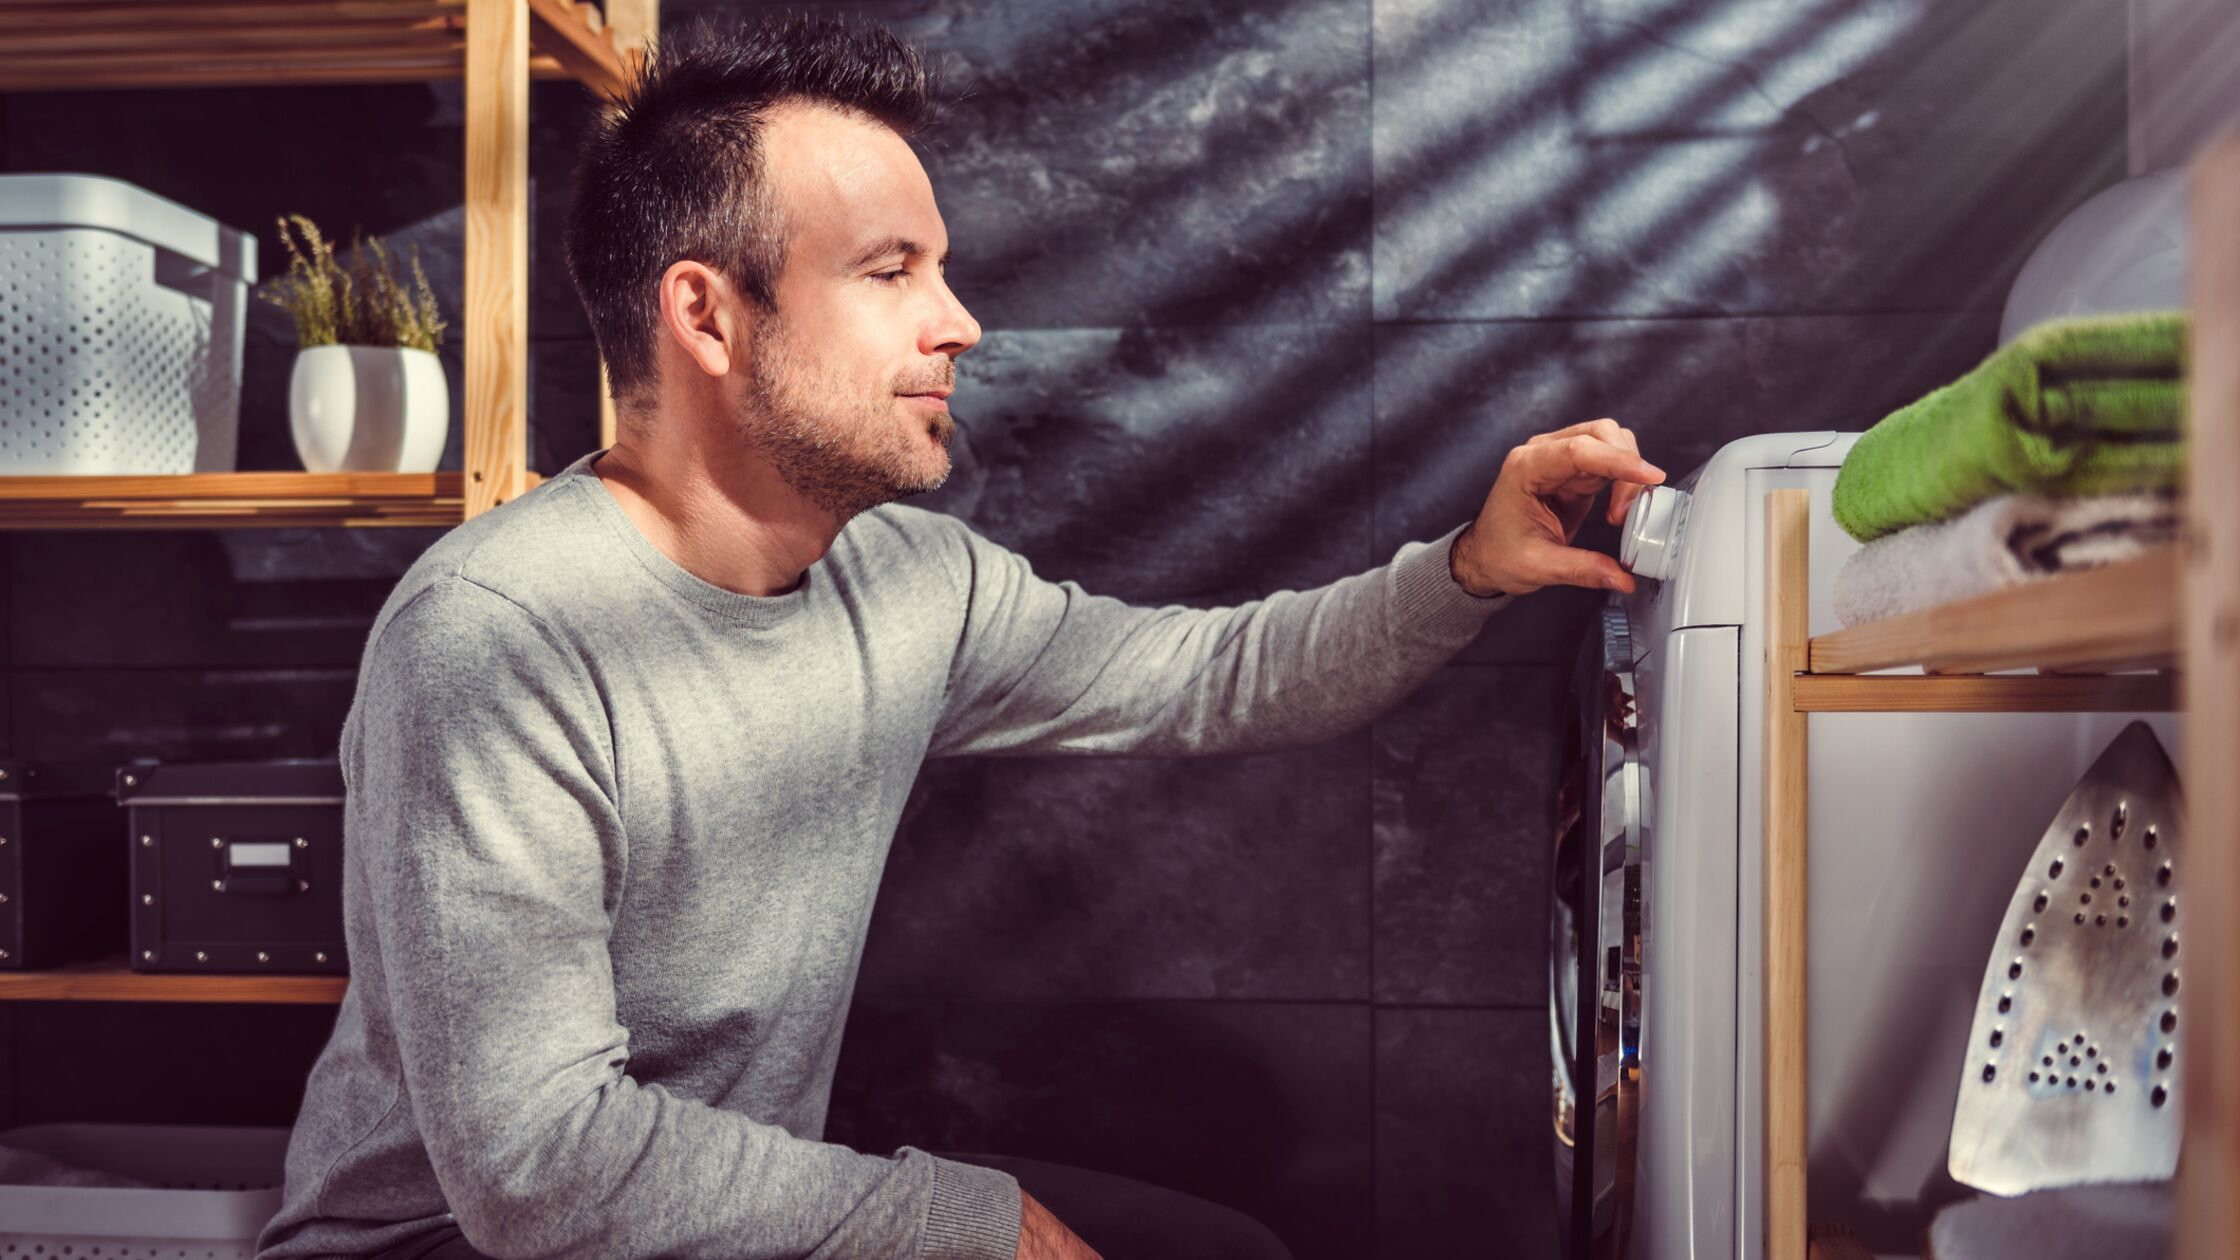 Mann kniet vor einer Waschmaschine und stellt Temperatur ein.